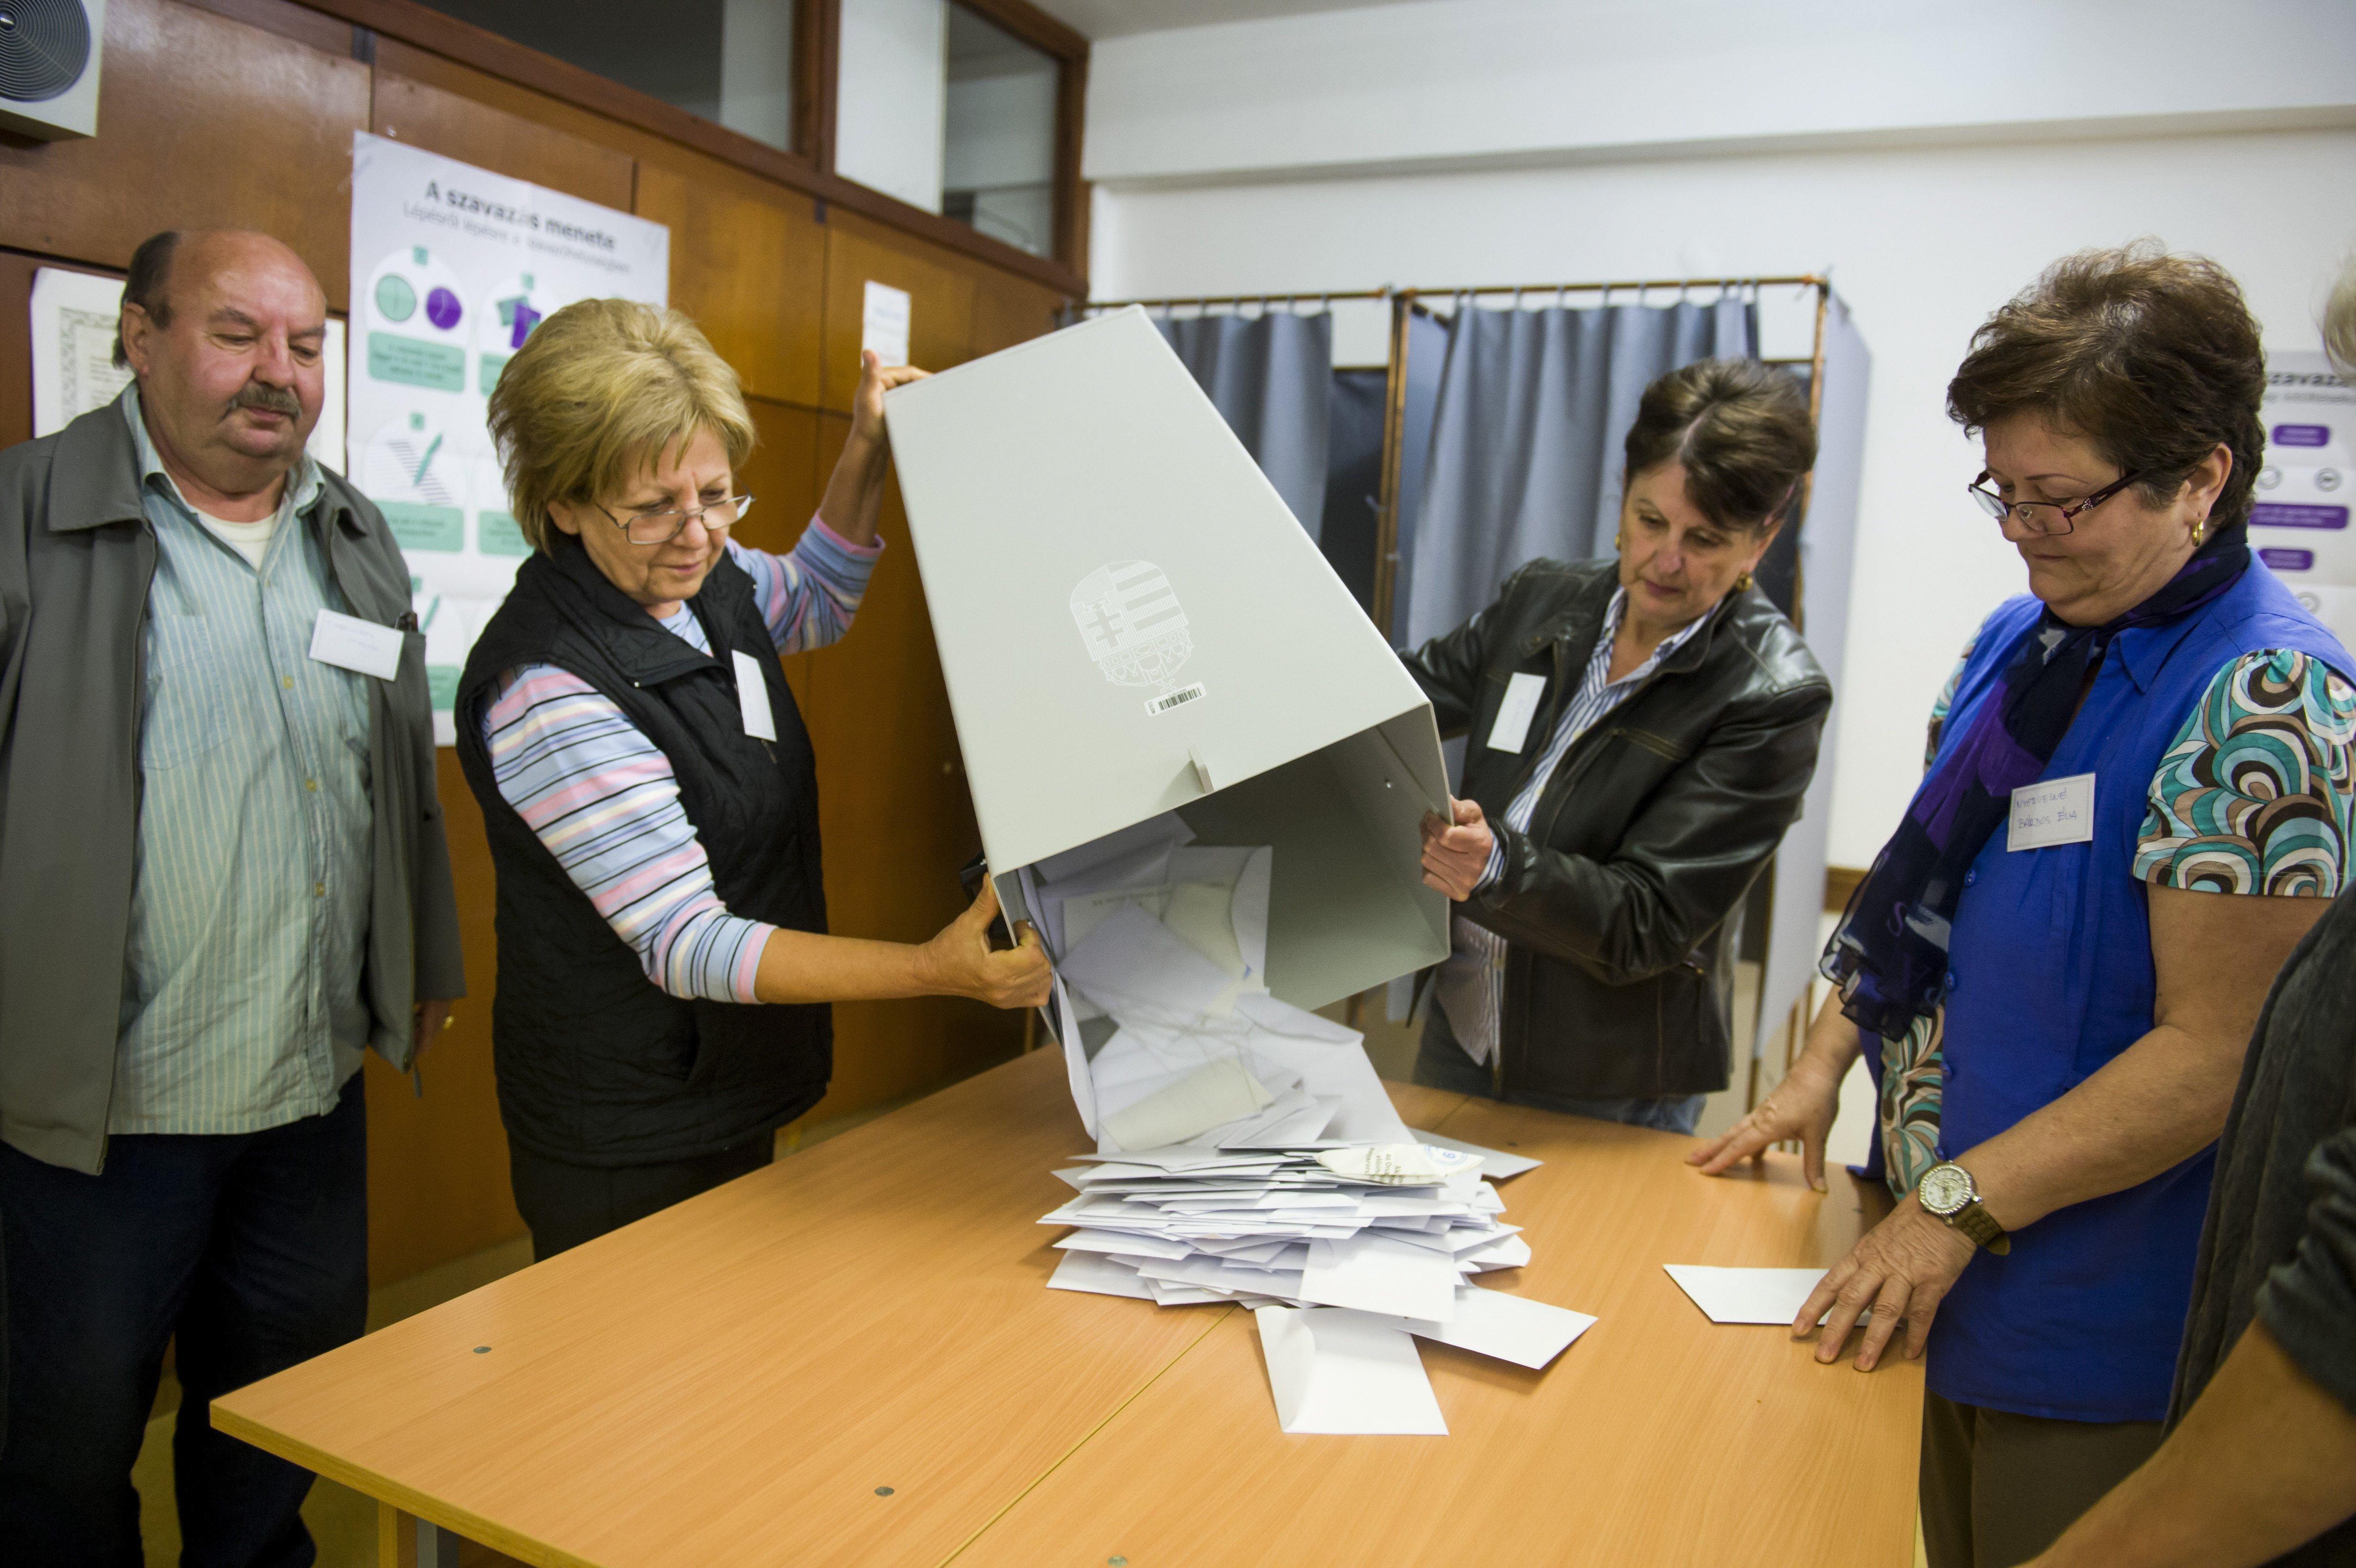 Fideszes támogatással dolgozták ki a szinte tökéletesen arányos magyar választási rendszert